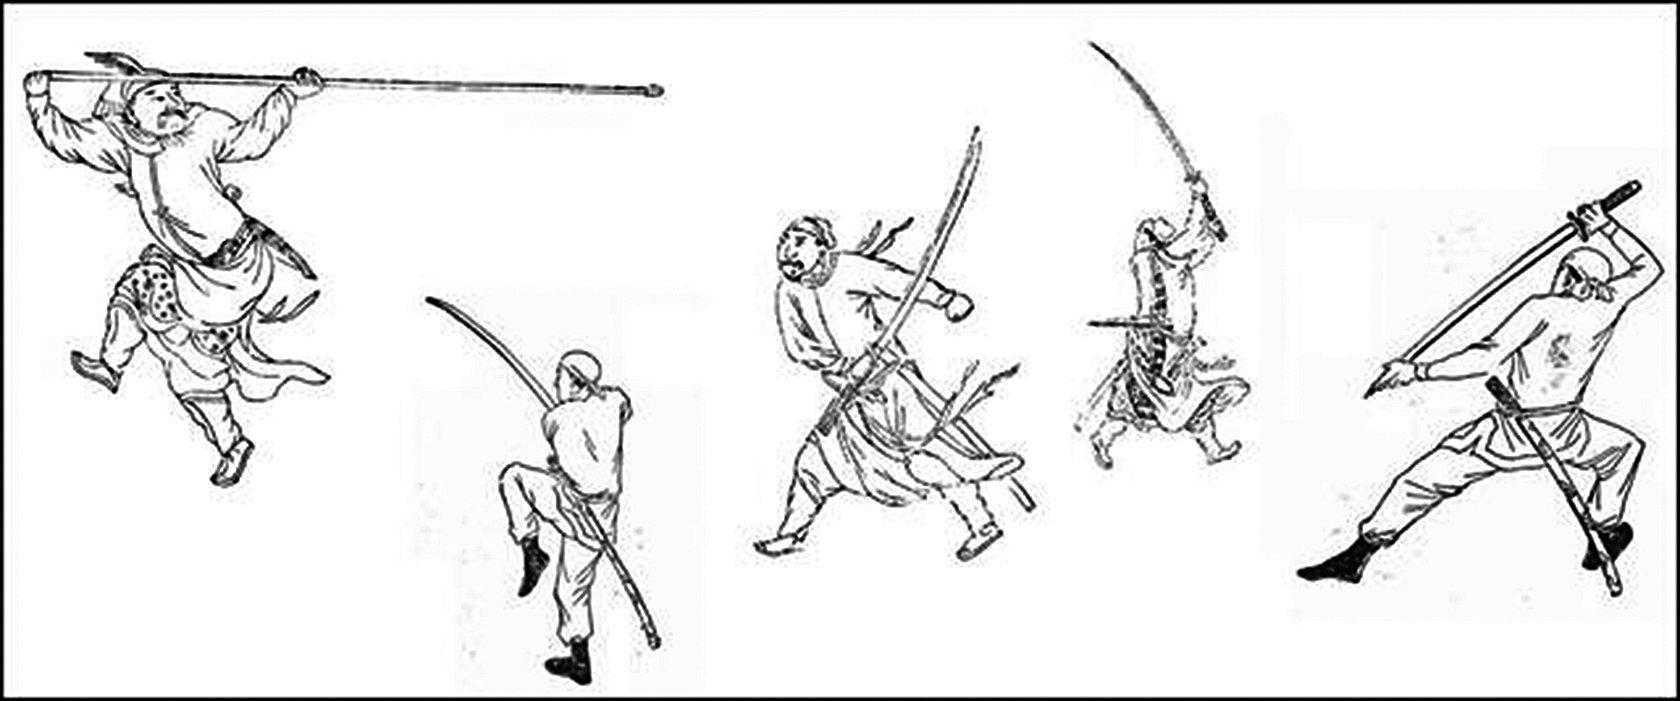 明代武學專家程宗猷所著,古代武藝書《耕餘剩技》的部份插圖(公有領域)